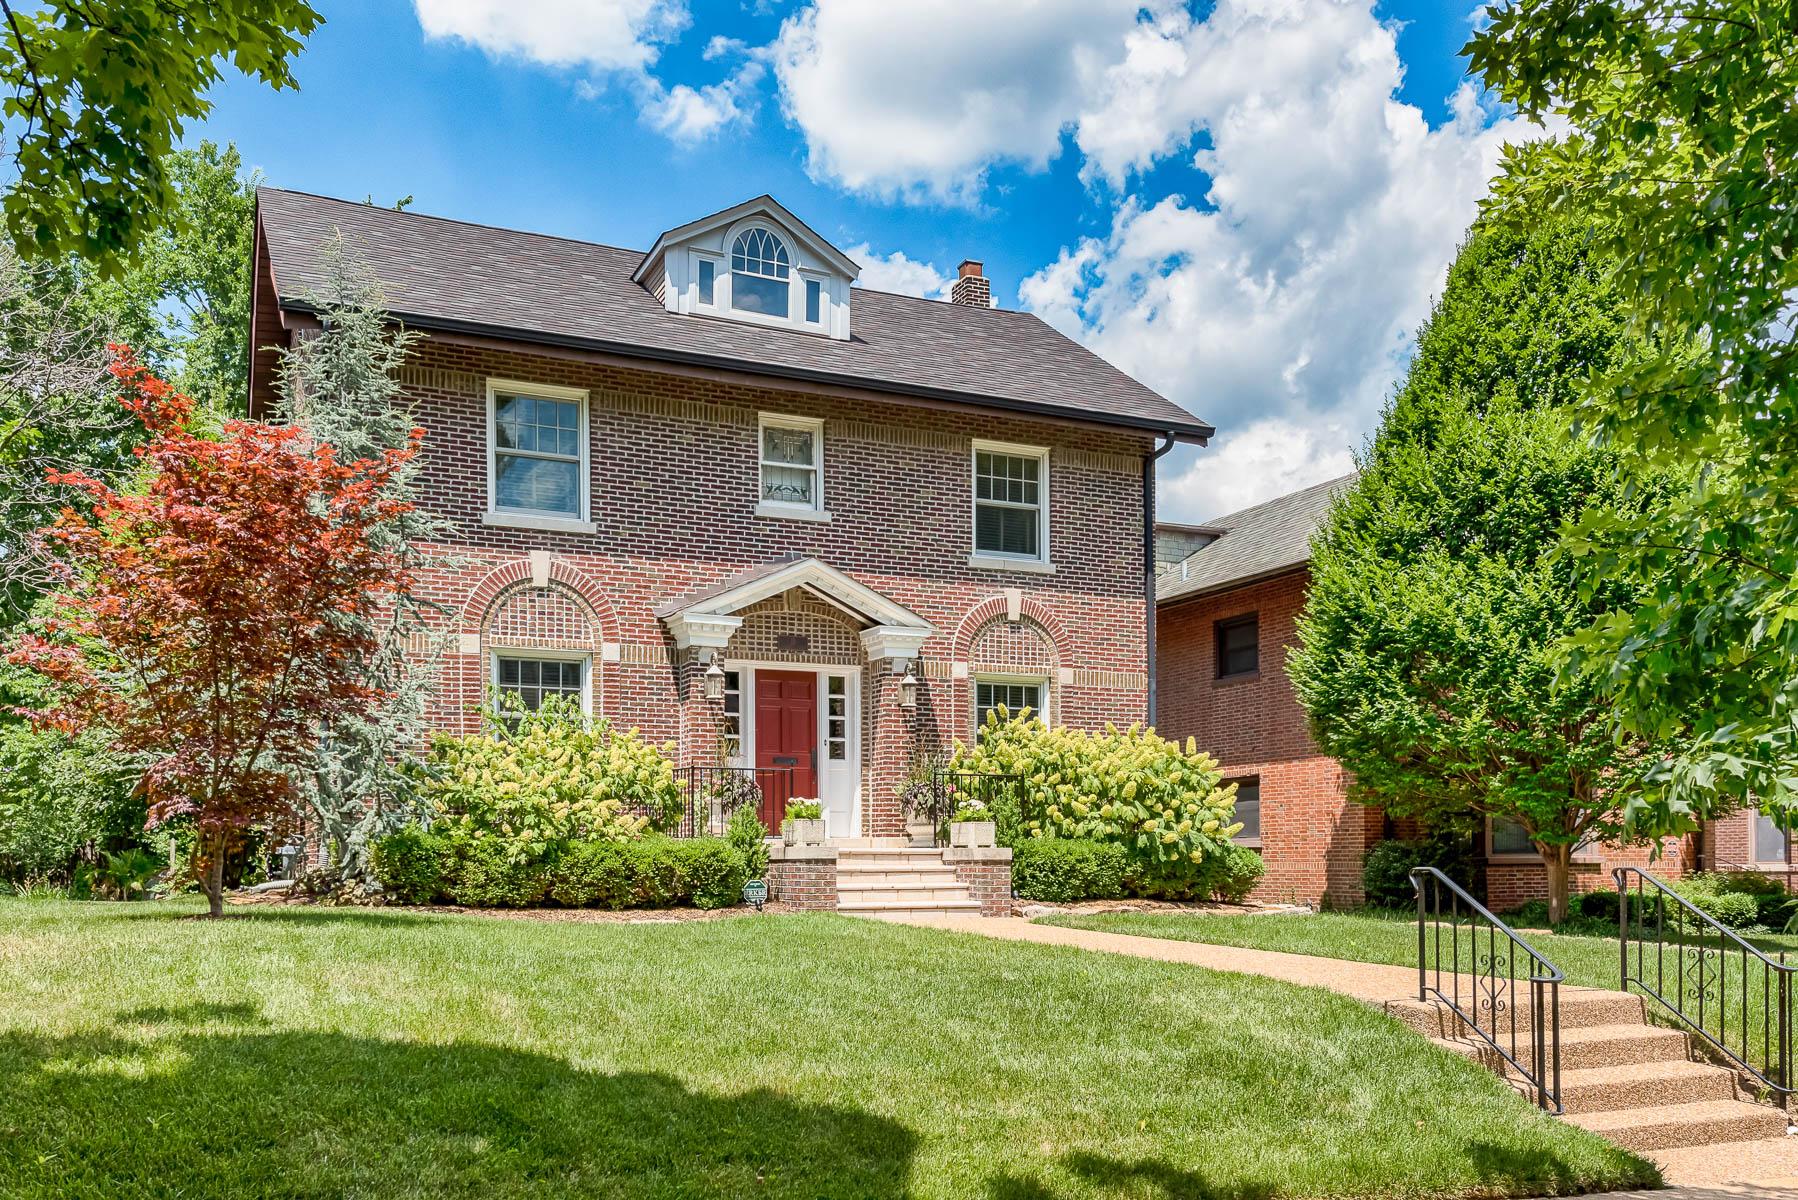 Maison unifamiliale pour l Vente à Aberdeen Place 15 Aberdeen Place St. Louis, Missouri, 63105 États-Unis